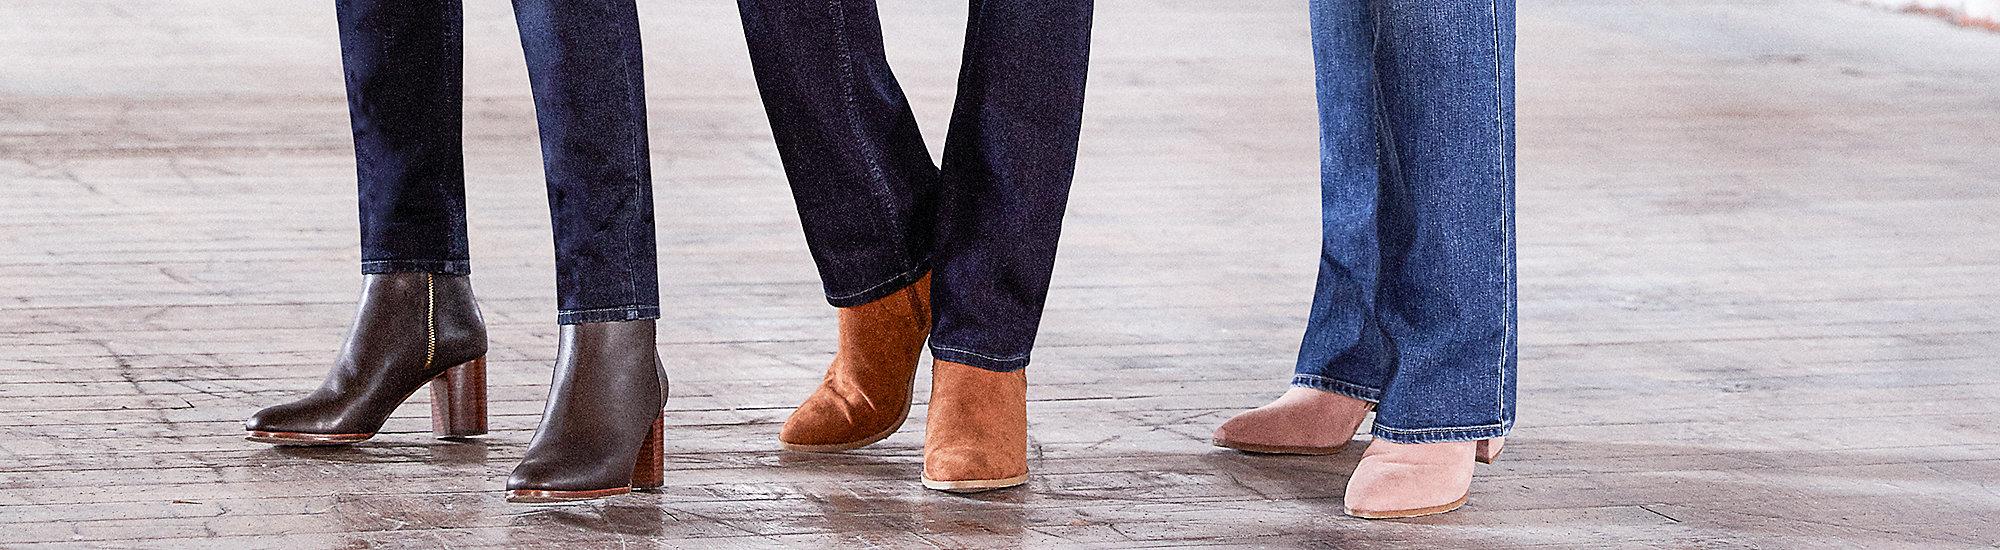 Women's Leg Styles